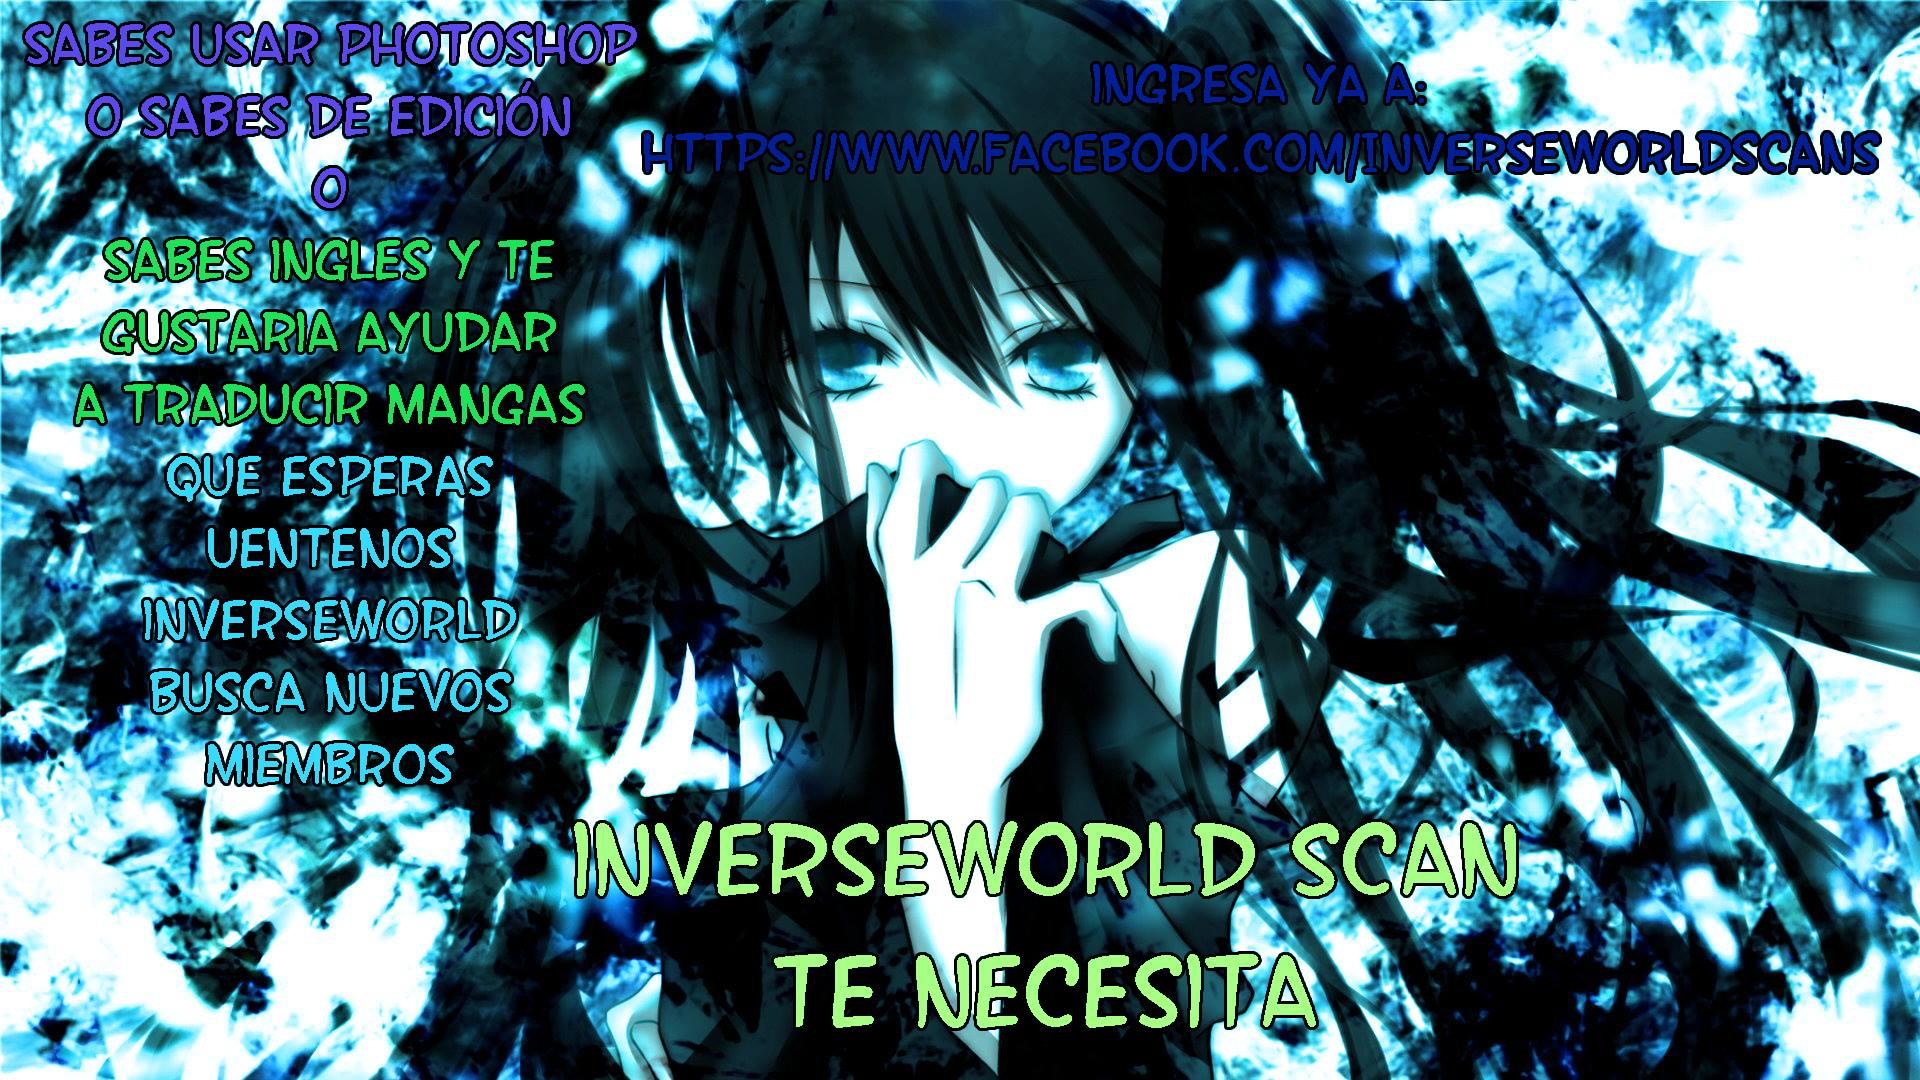 https://c5.mangatag.com/es_manga/18/16210/415332/0992de7aa6a421ecf8abf57d98505485.jpg Page 1